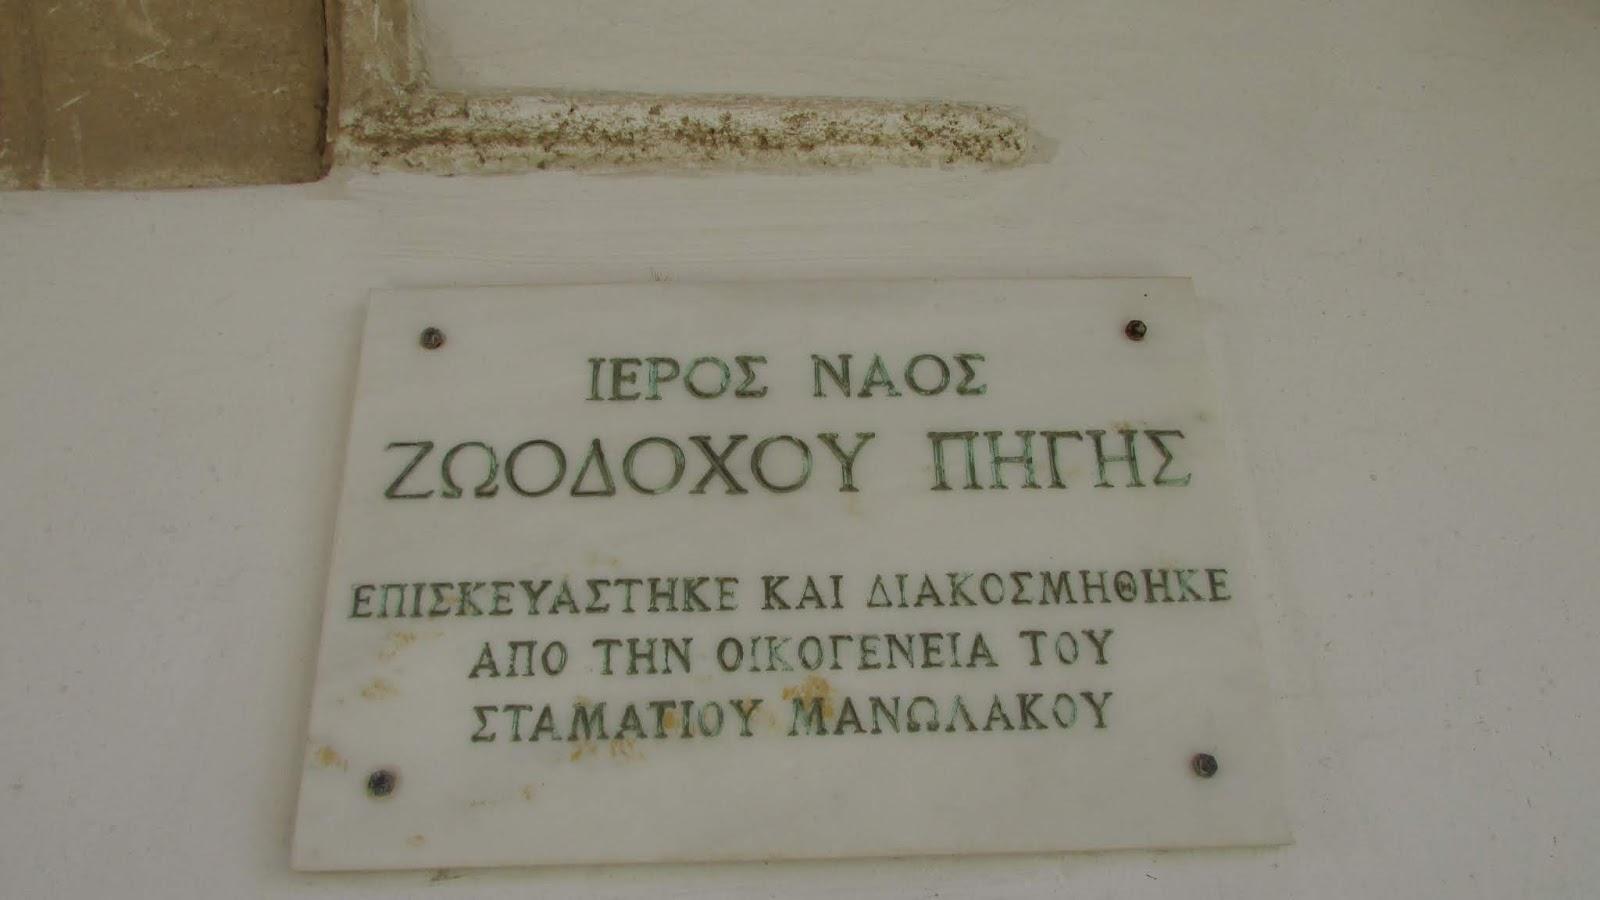 Virgin Zoodochos